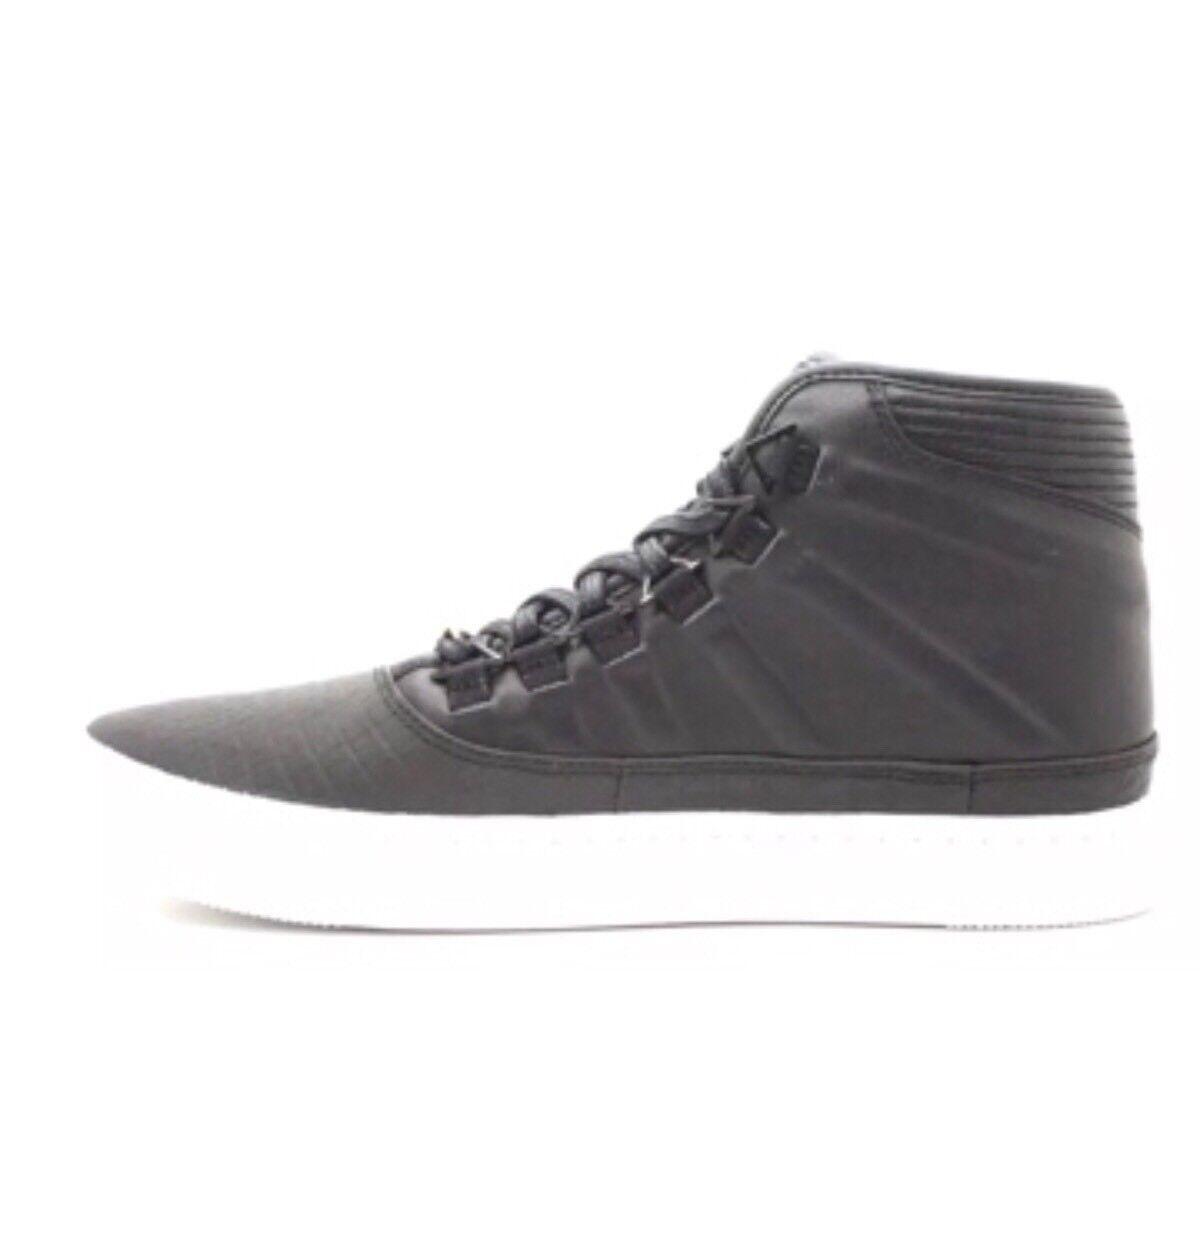 New Nike Air Jordan Black High Top Sneakers shoes SZ 9